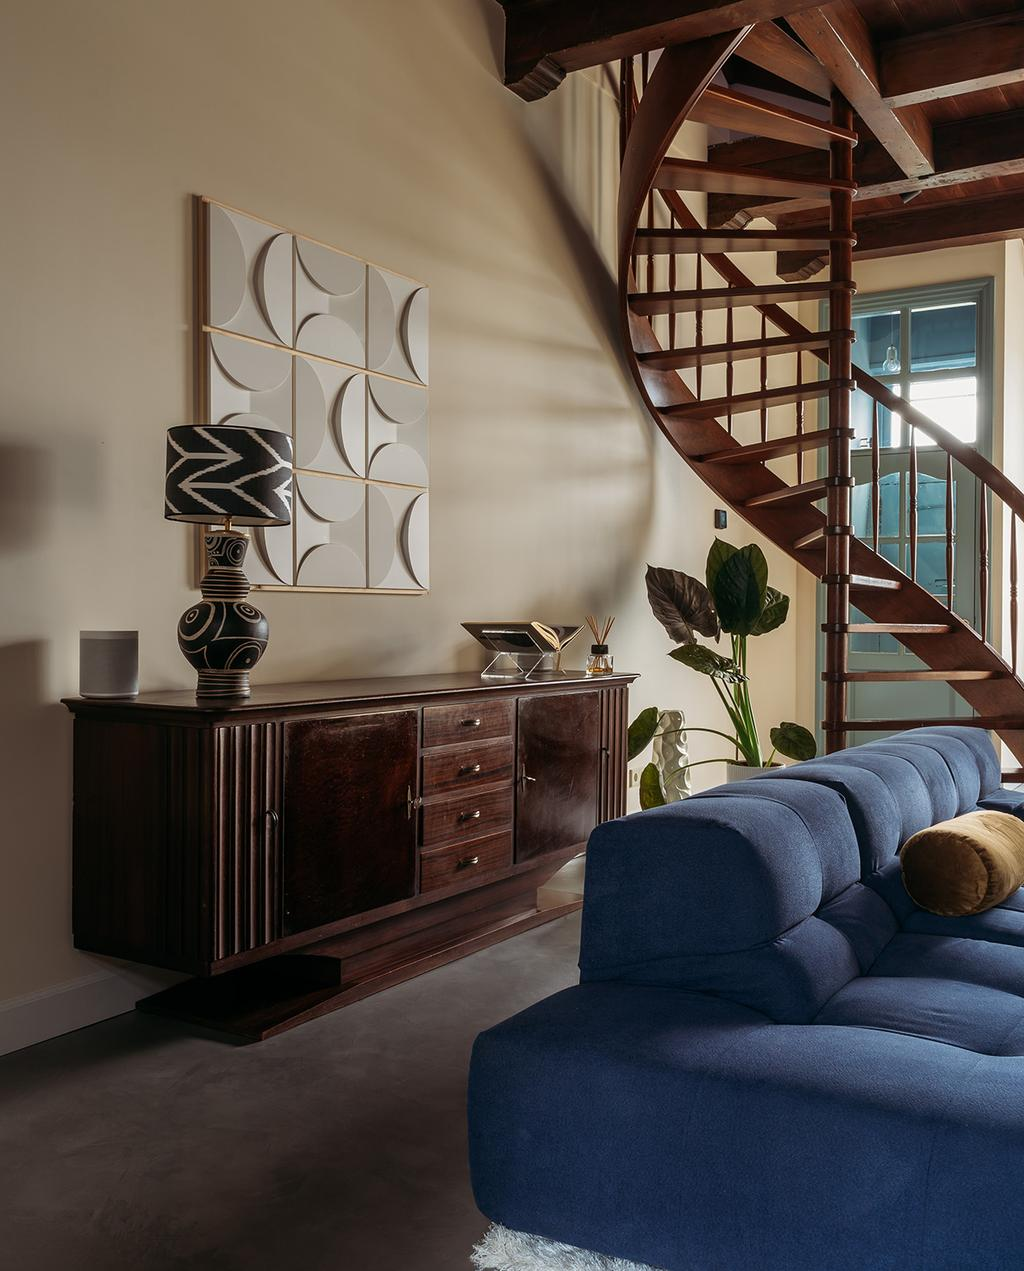 vtwonen 03-2021 | blauwe bank in woonkamer met dressoir en kunst met reliëf